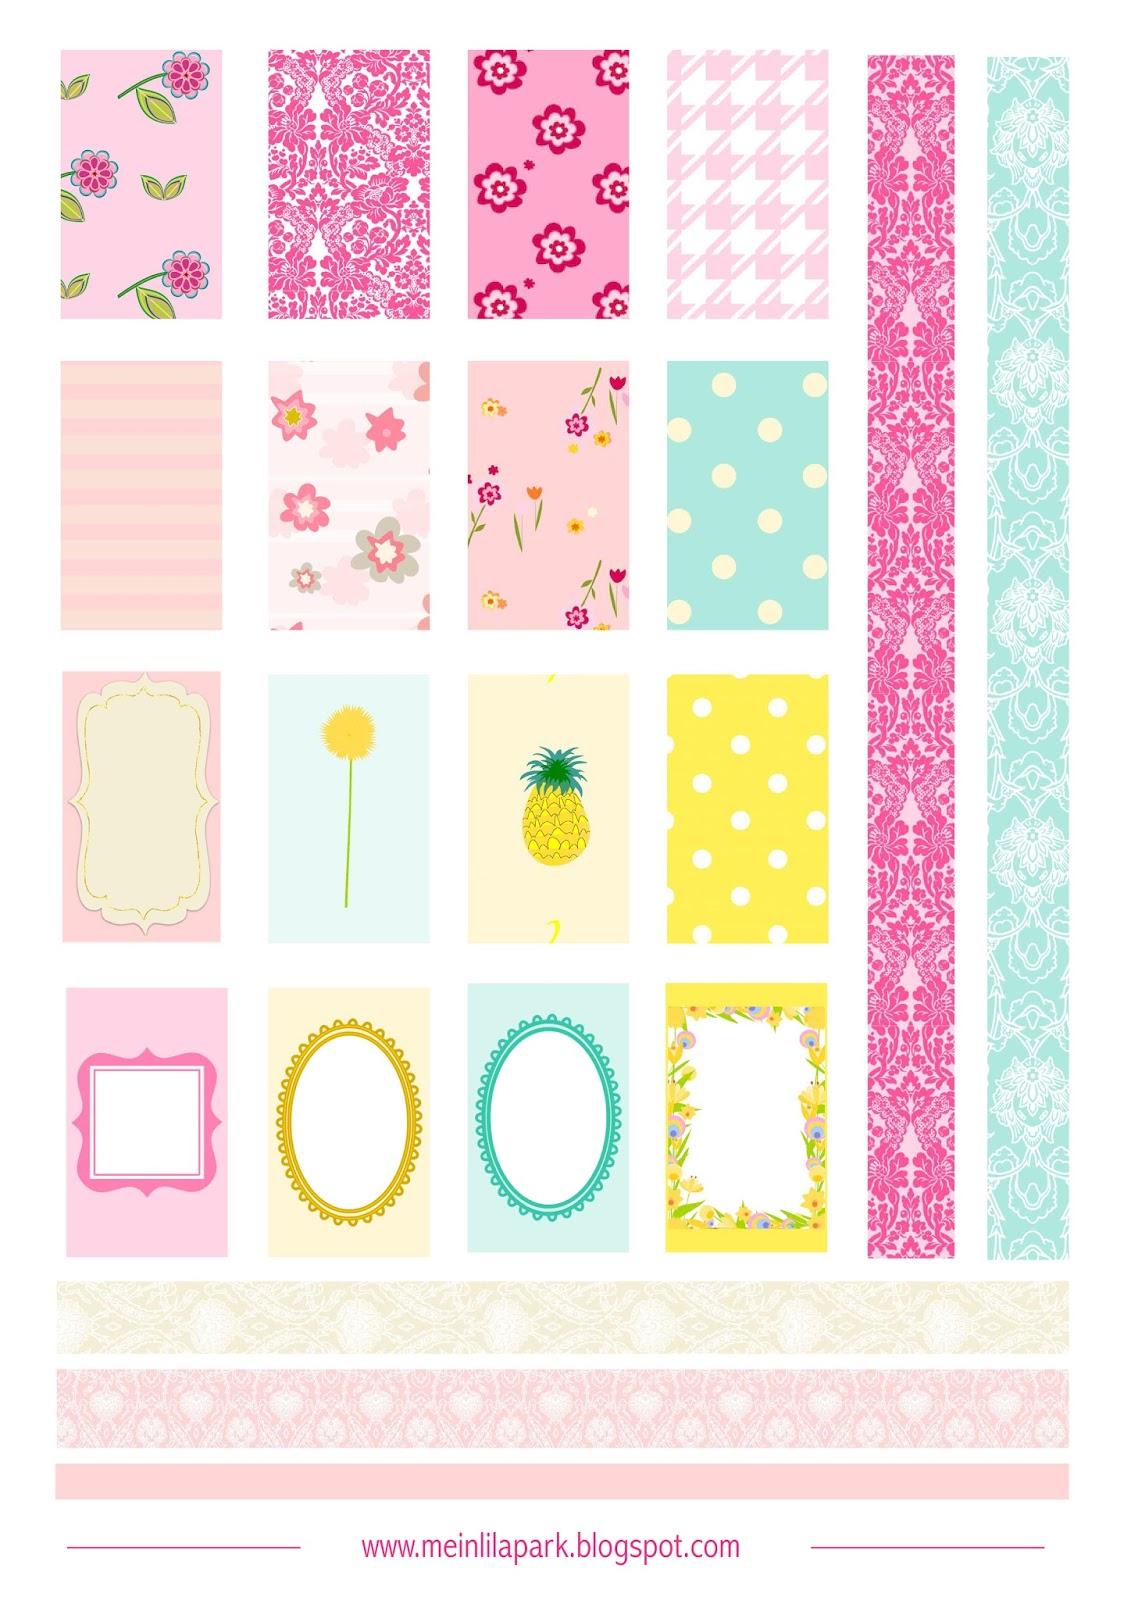 Free printable planner stickers pastels - freebie ...